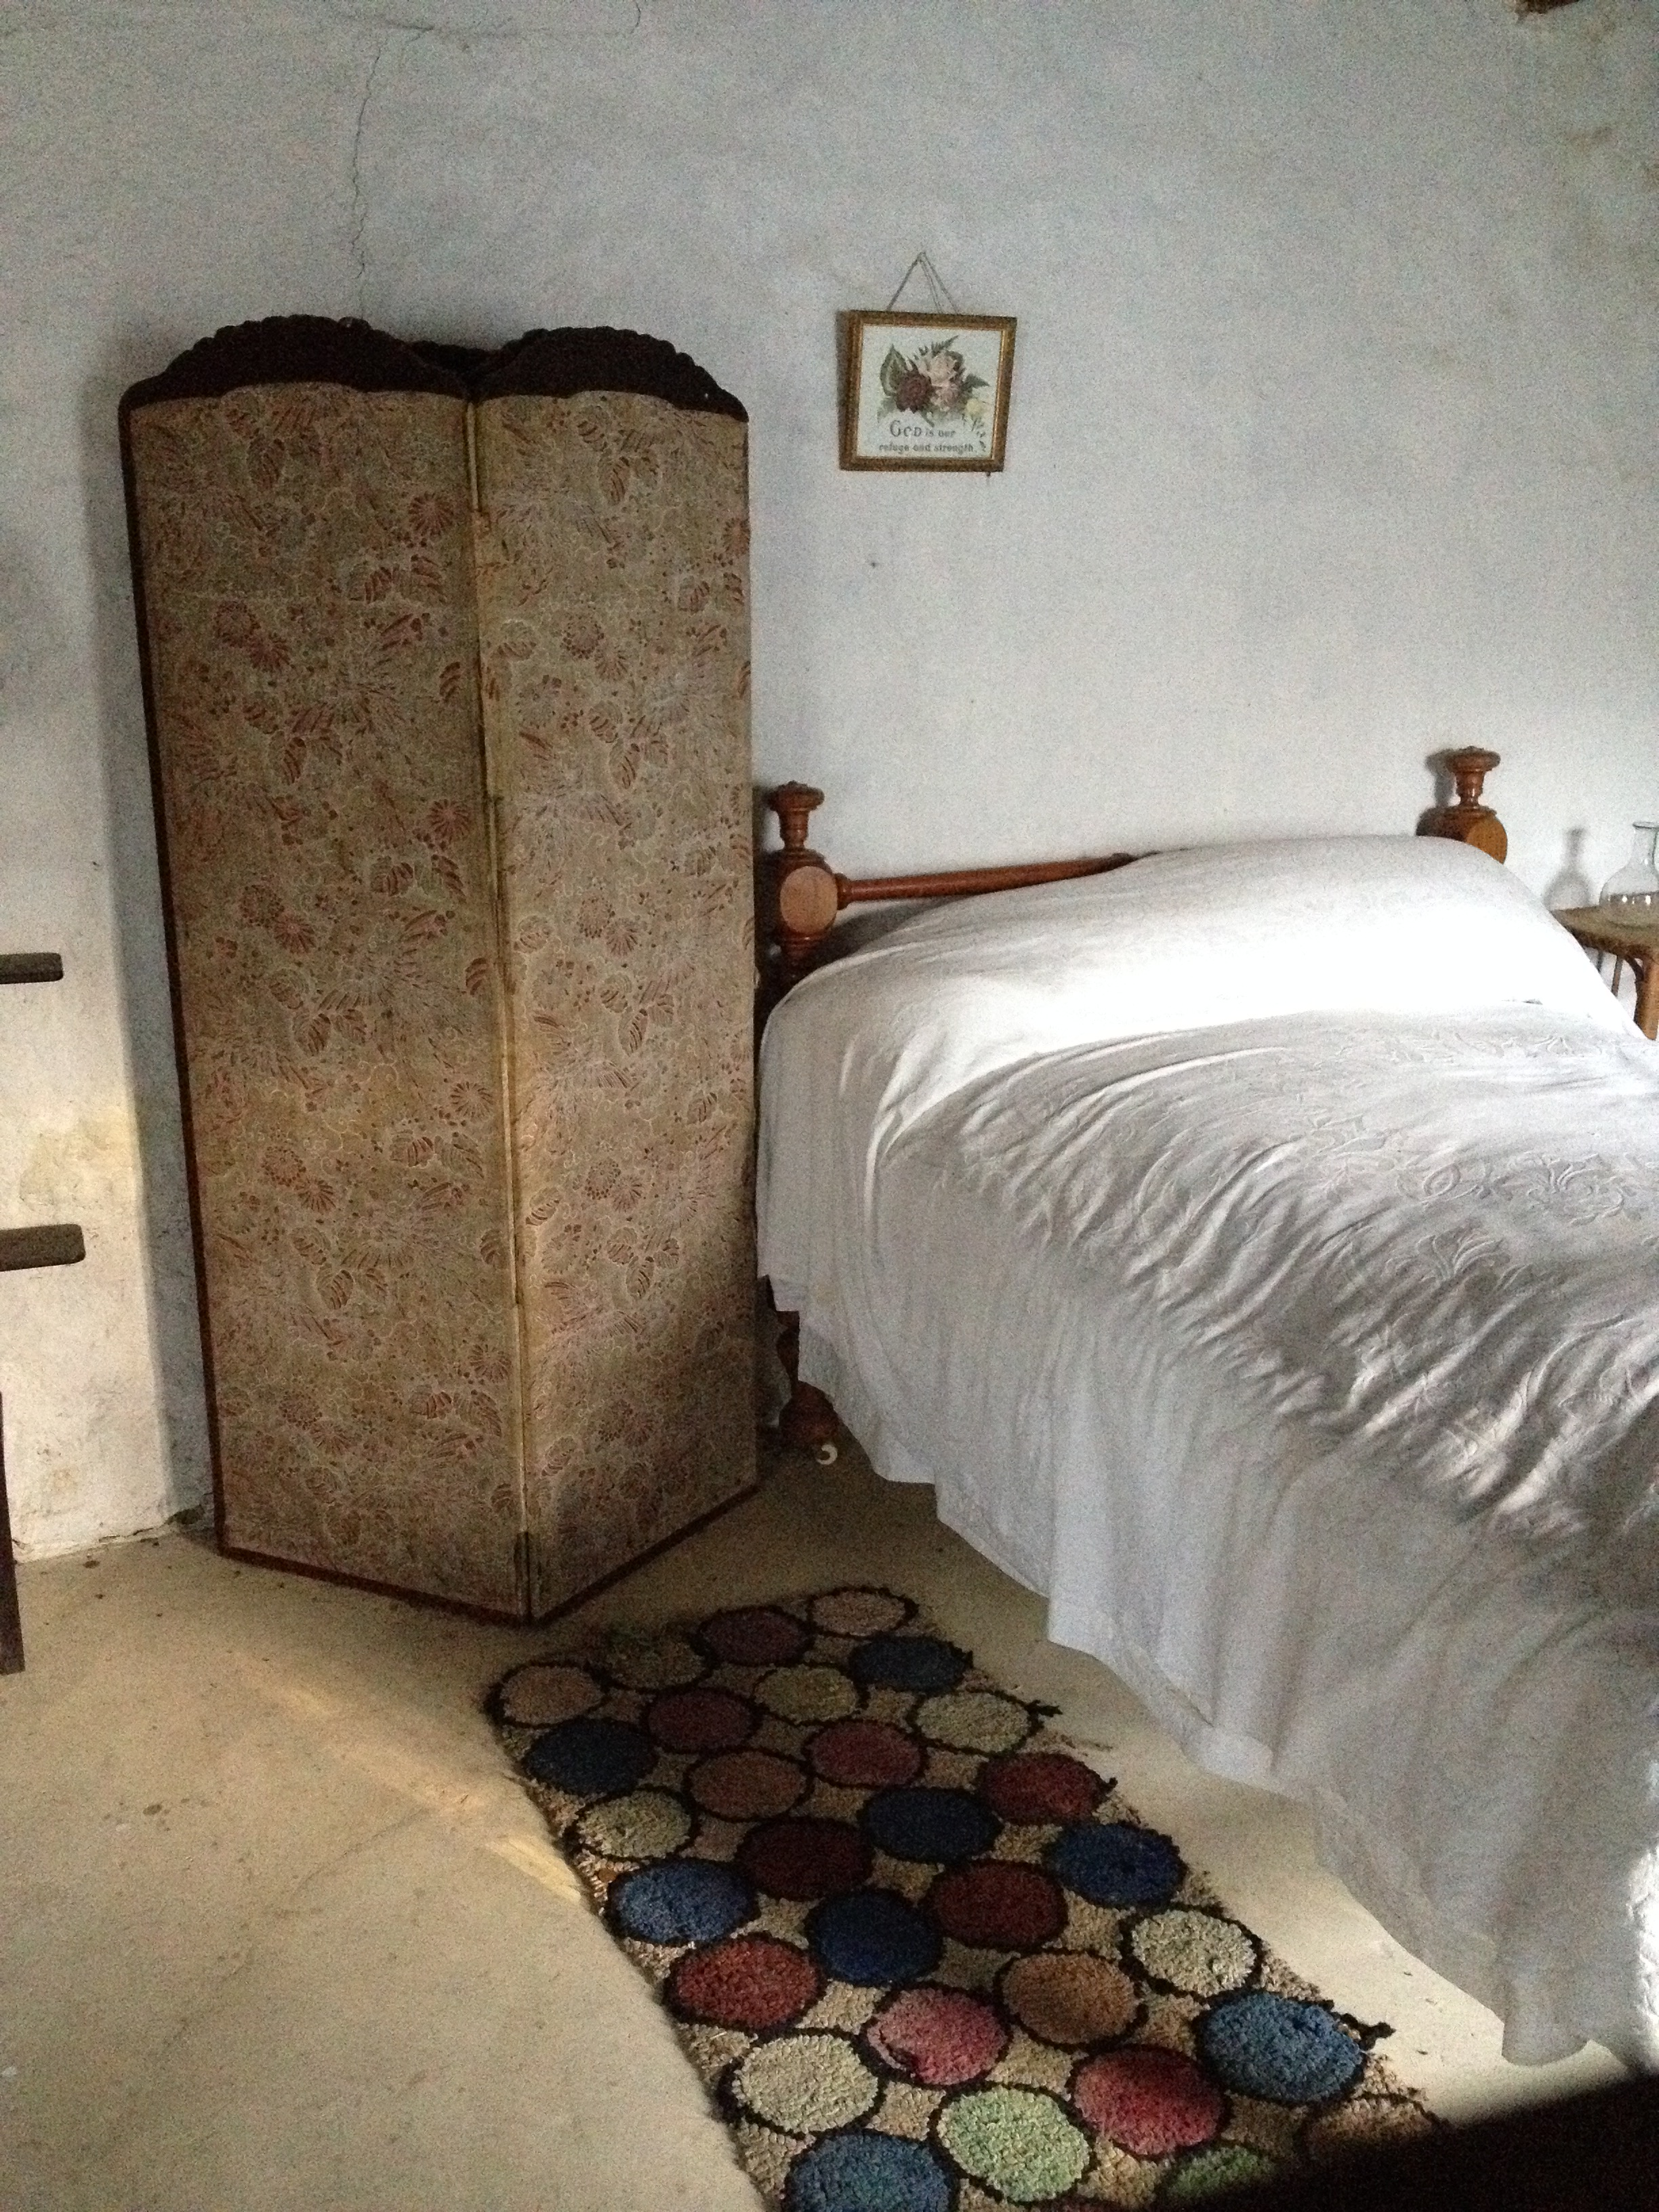 sod cottage bed.JPG